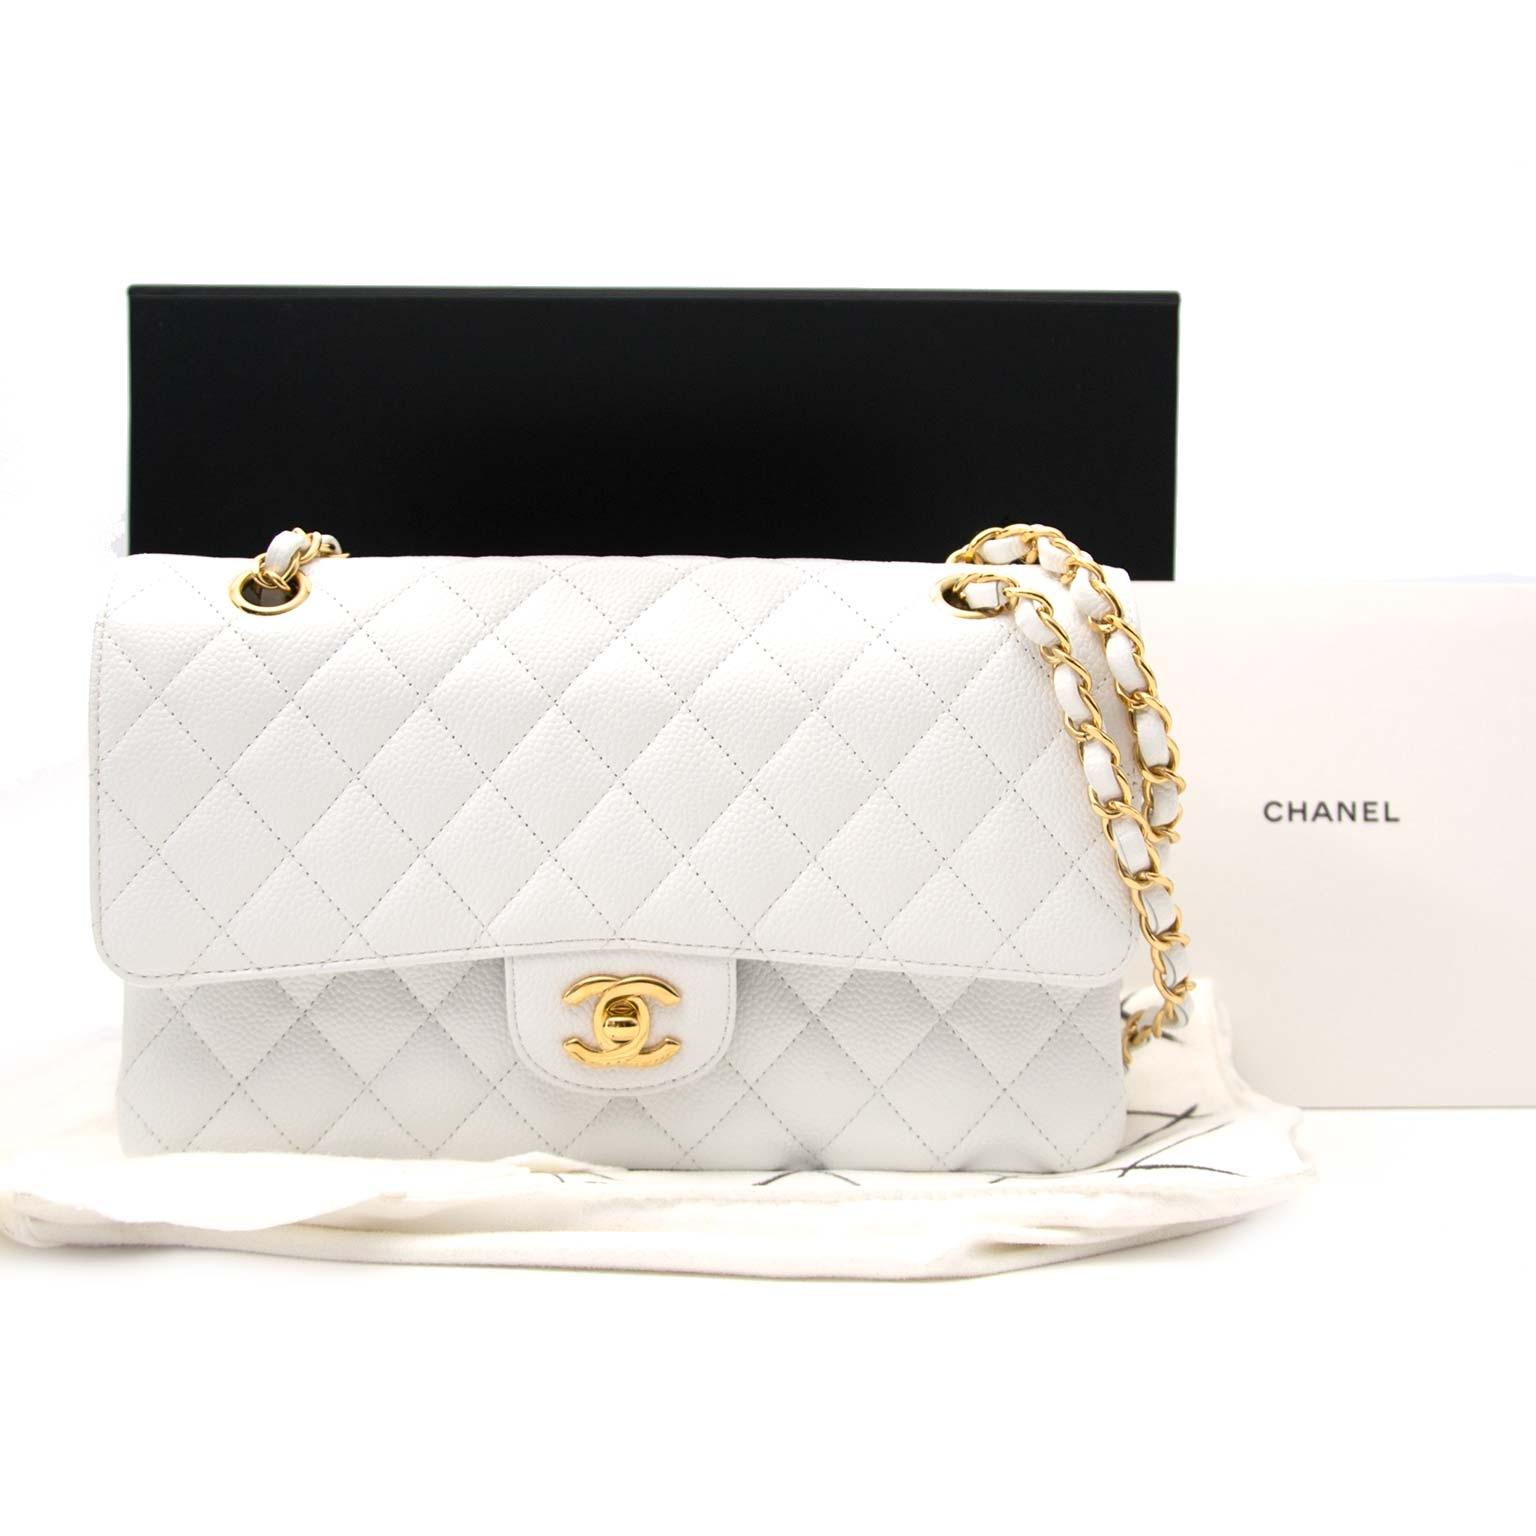 89ff392bb8a88e shop safe online Chanel White Caviar Leather Double Flap Bag acheter en  ligne seconde main Chanel White Caviar Leather Double Flap Bag